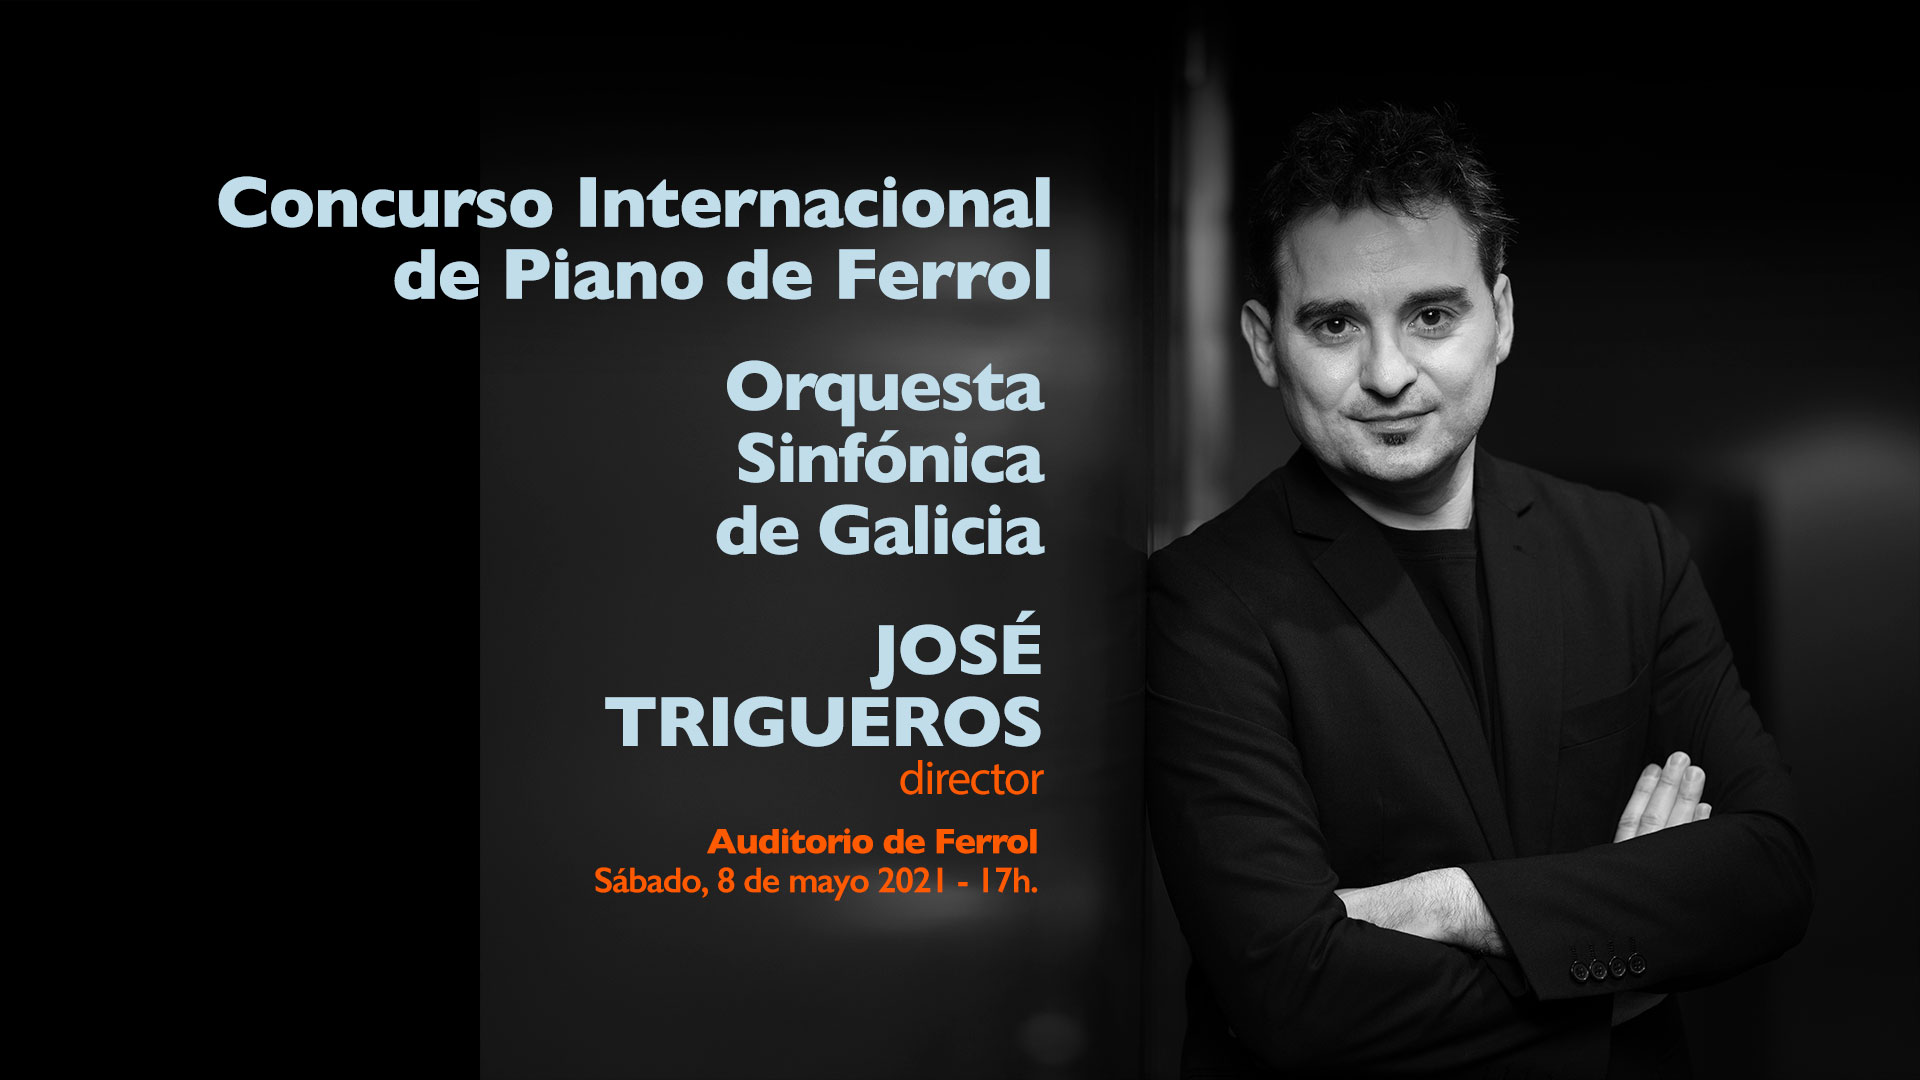 Concurso de Piano de Ferrol